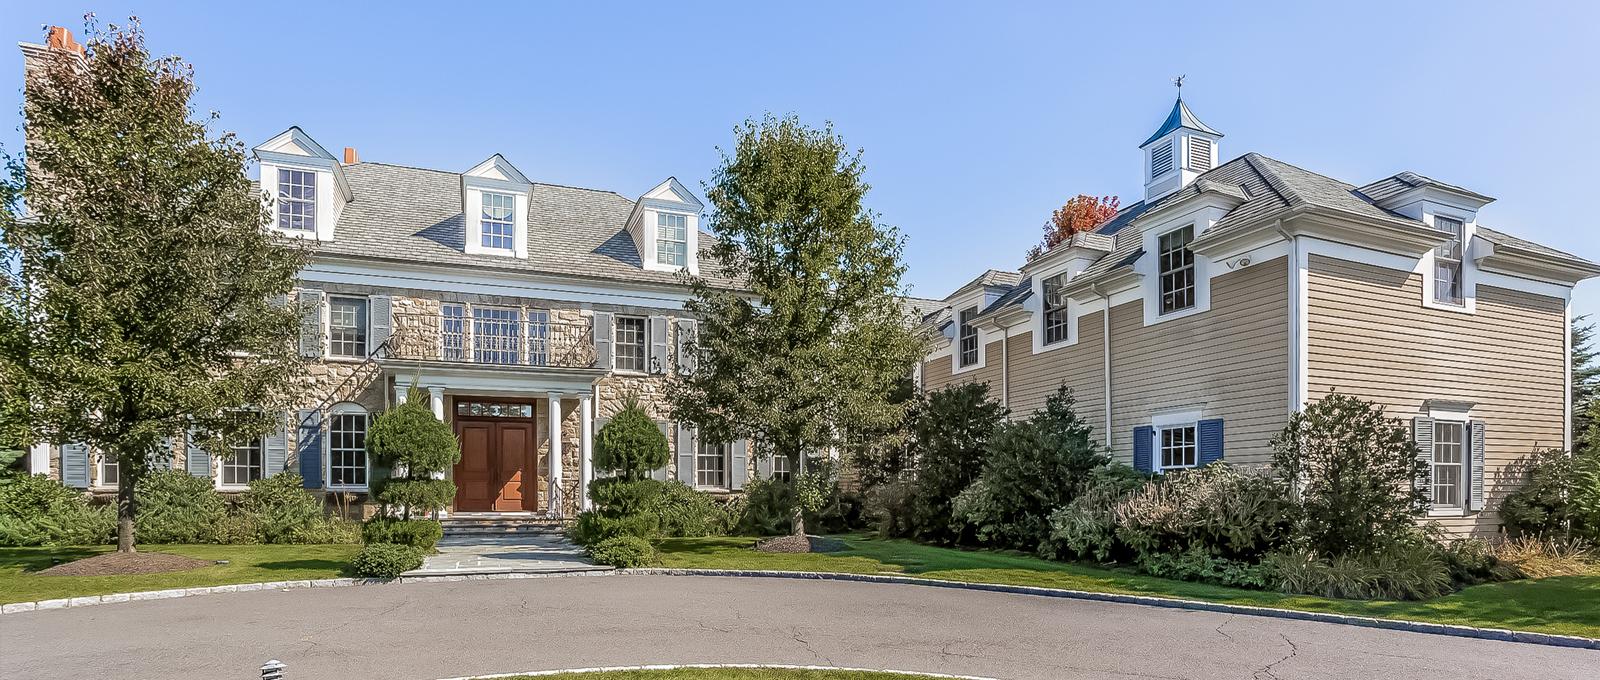 Casa para uma família para Venda às Magnificent Stone Colonial 1 Katsura Drive Purchase, Nova York 10577 Estados Unidos